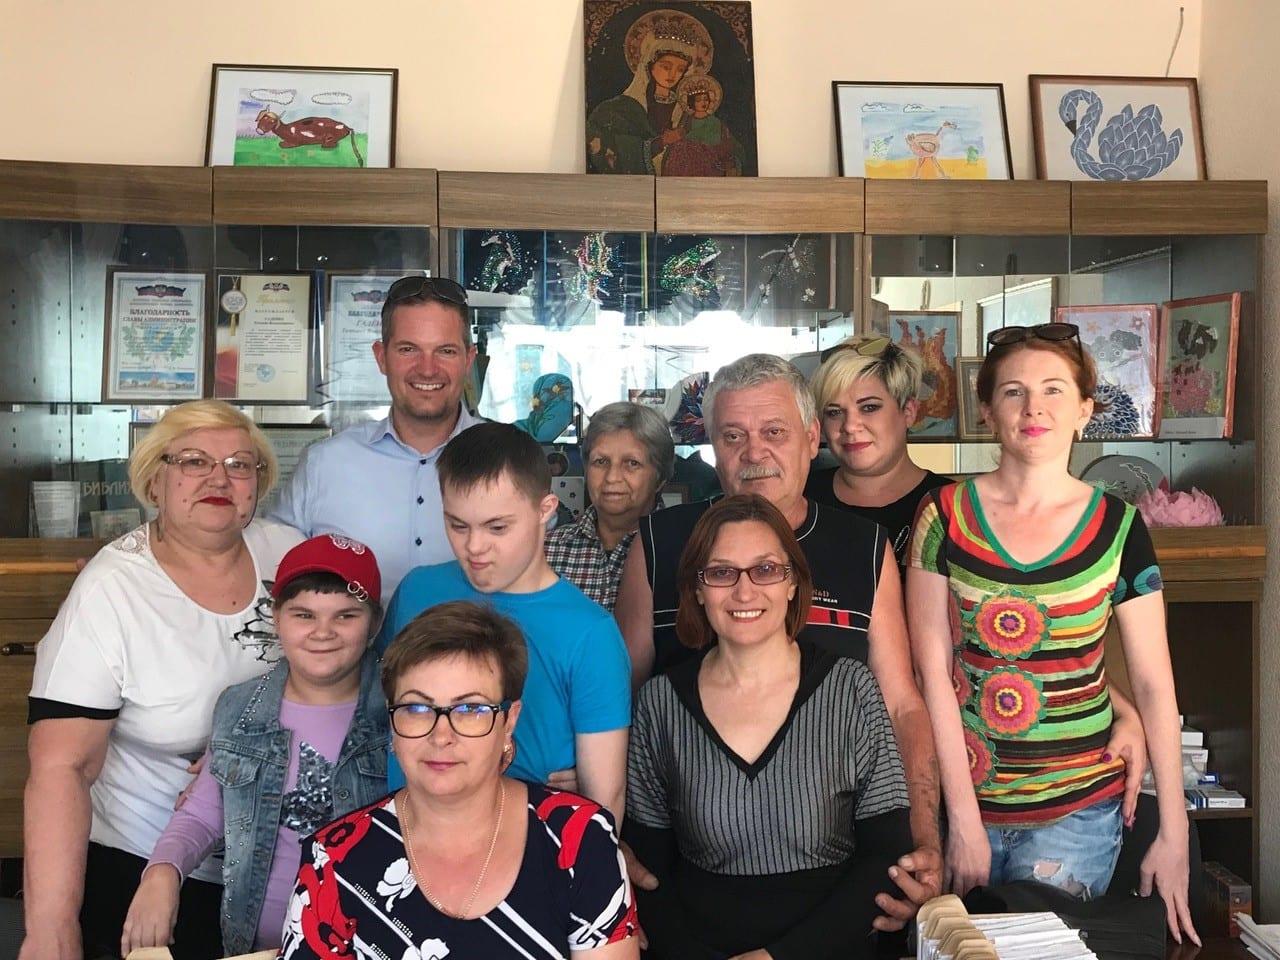 Folkediplomati Norge Hendrik Webers reise til Donetsk, Ukraina